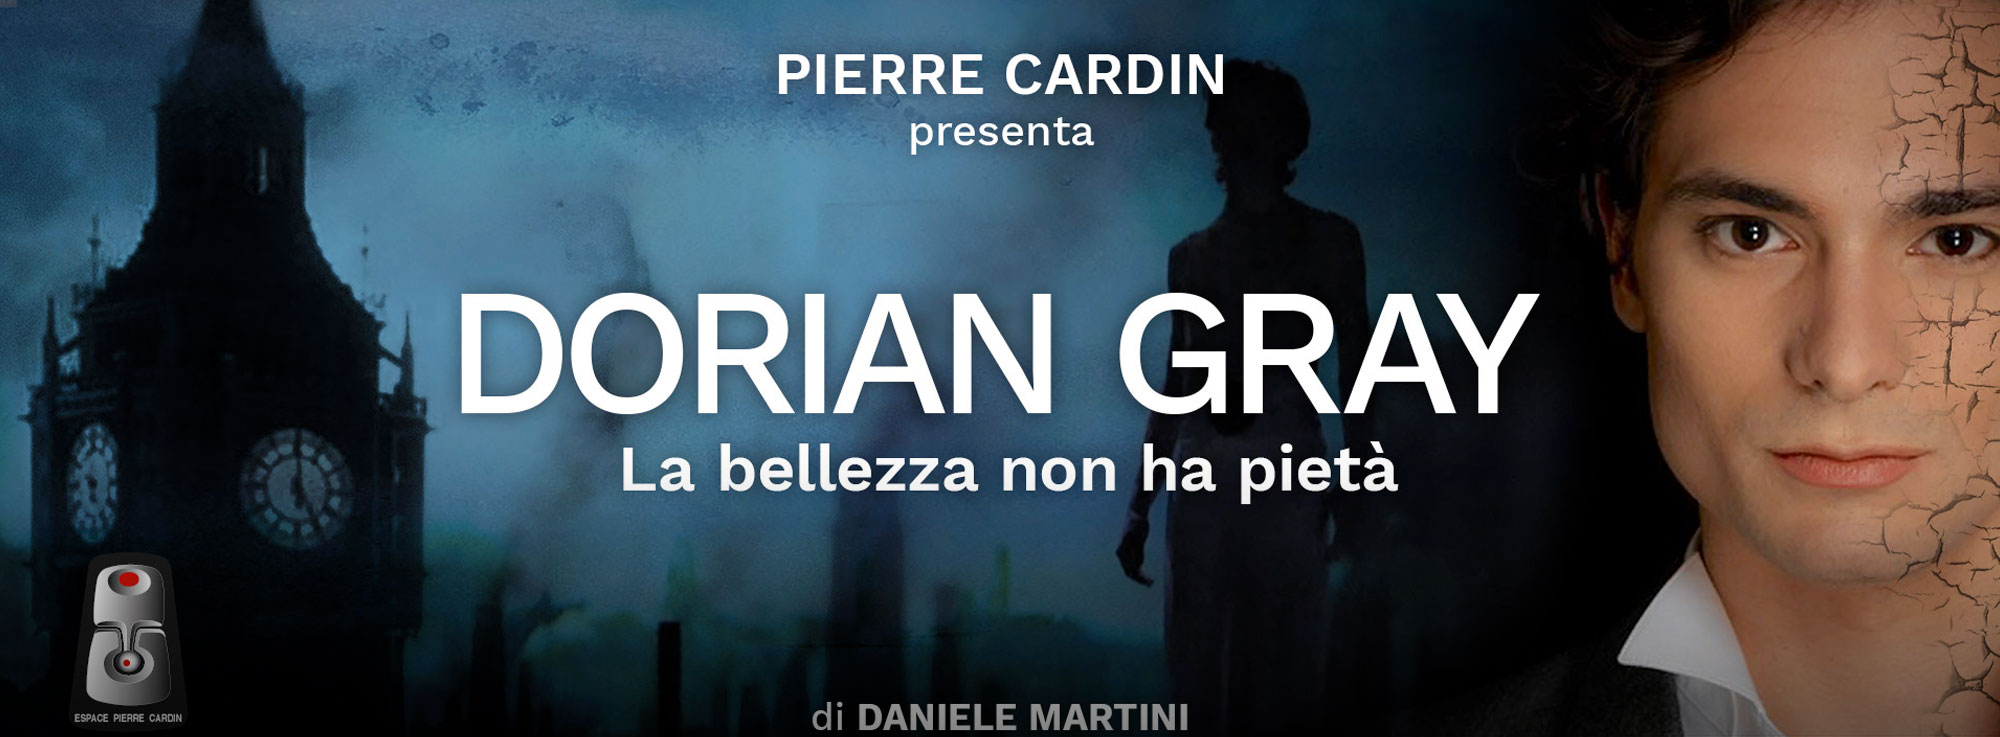 Bari: Dorian Gray, la bellezza non ha pietà